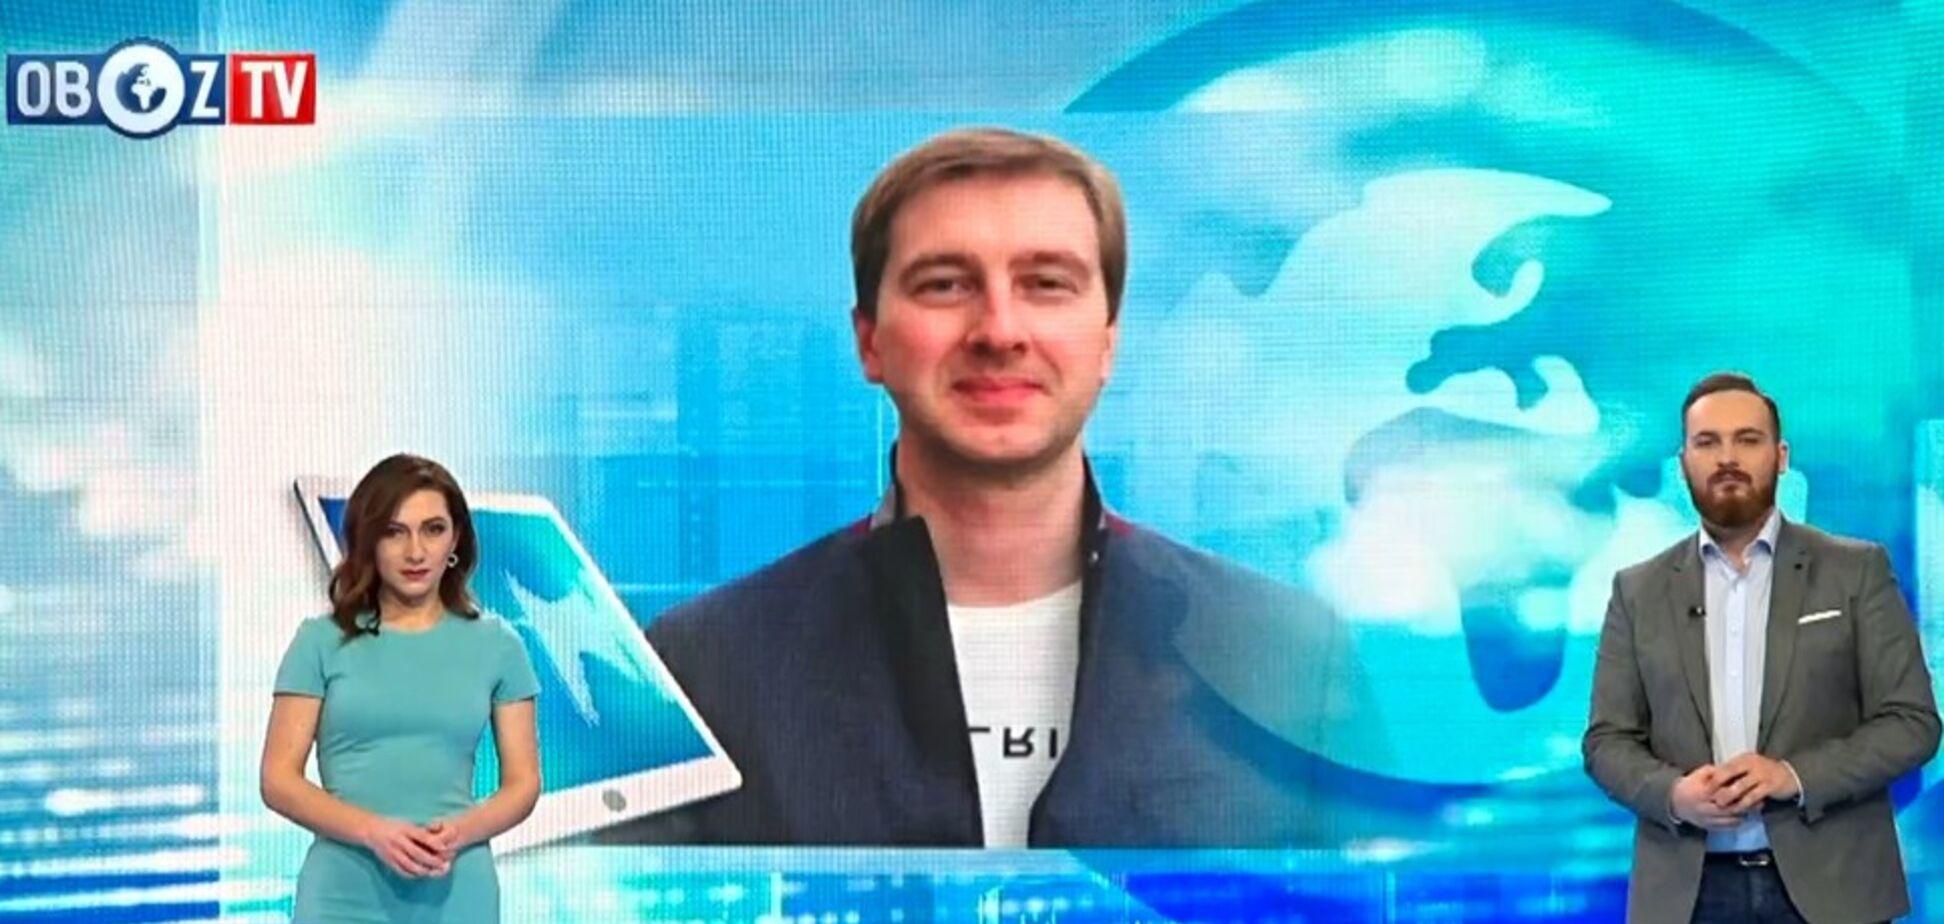 Обыски на '1+1' произошли по личному приказу Зеленского: экс-сотрудник СБУ